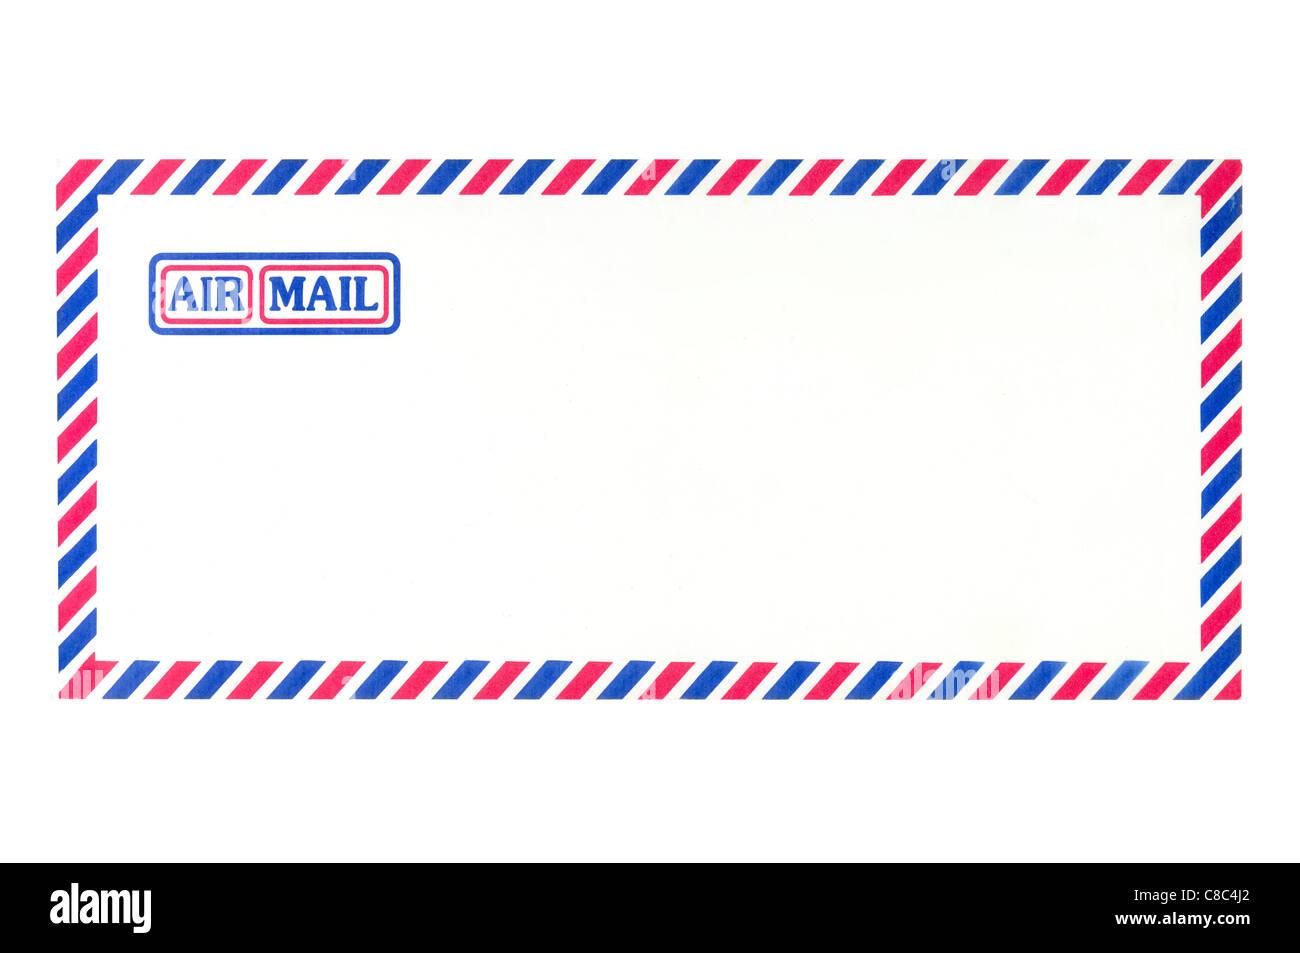 Enveloppe Poste aérienne sur fond blanc Banque D'Images